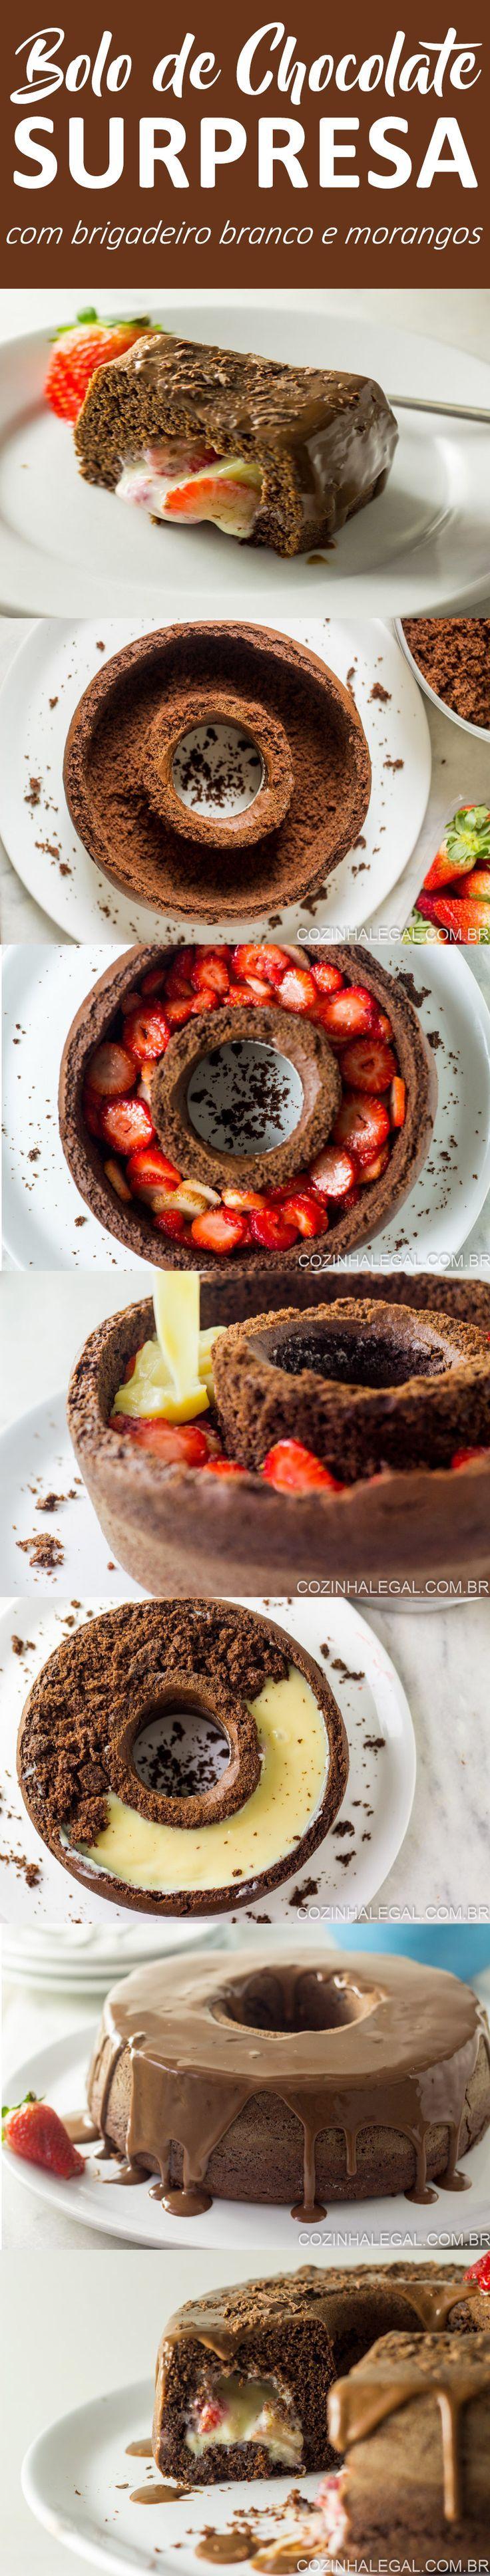 Receita de bolo de chocolate surpresa com brigadeiro branco e morango vai te surpreender por ser muito fácil de fazer. Além de ser lindo e muito gostoso.